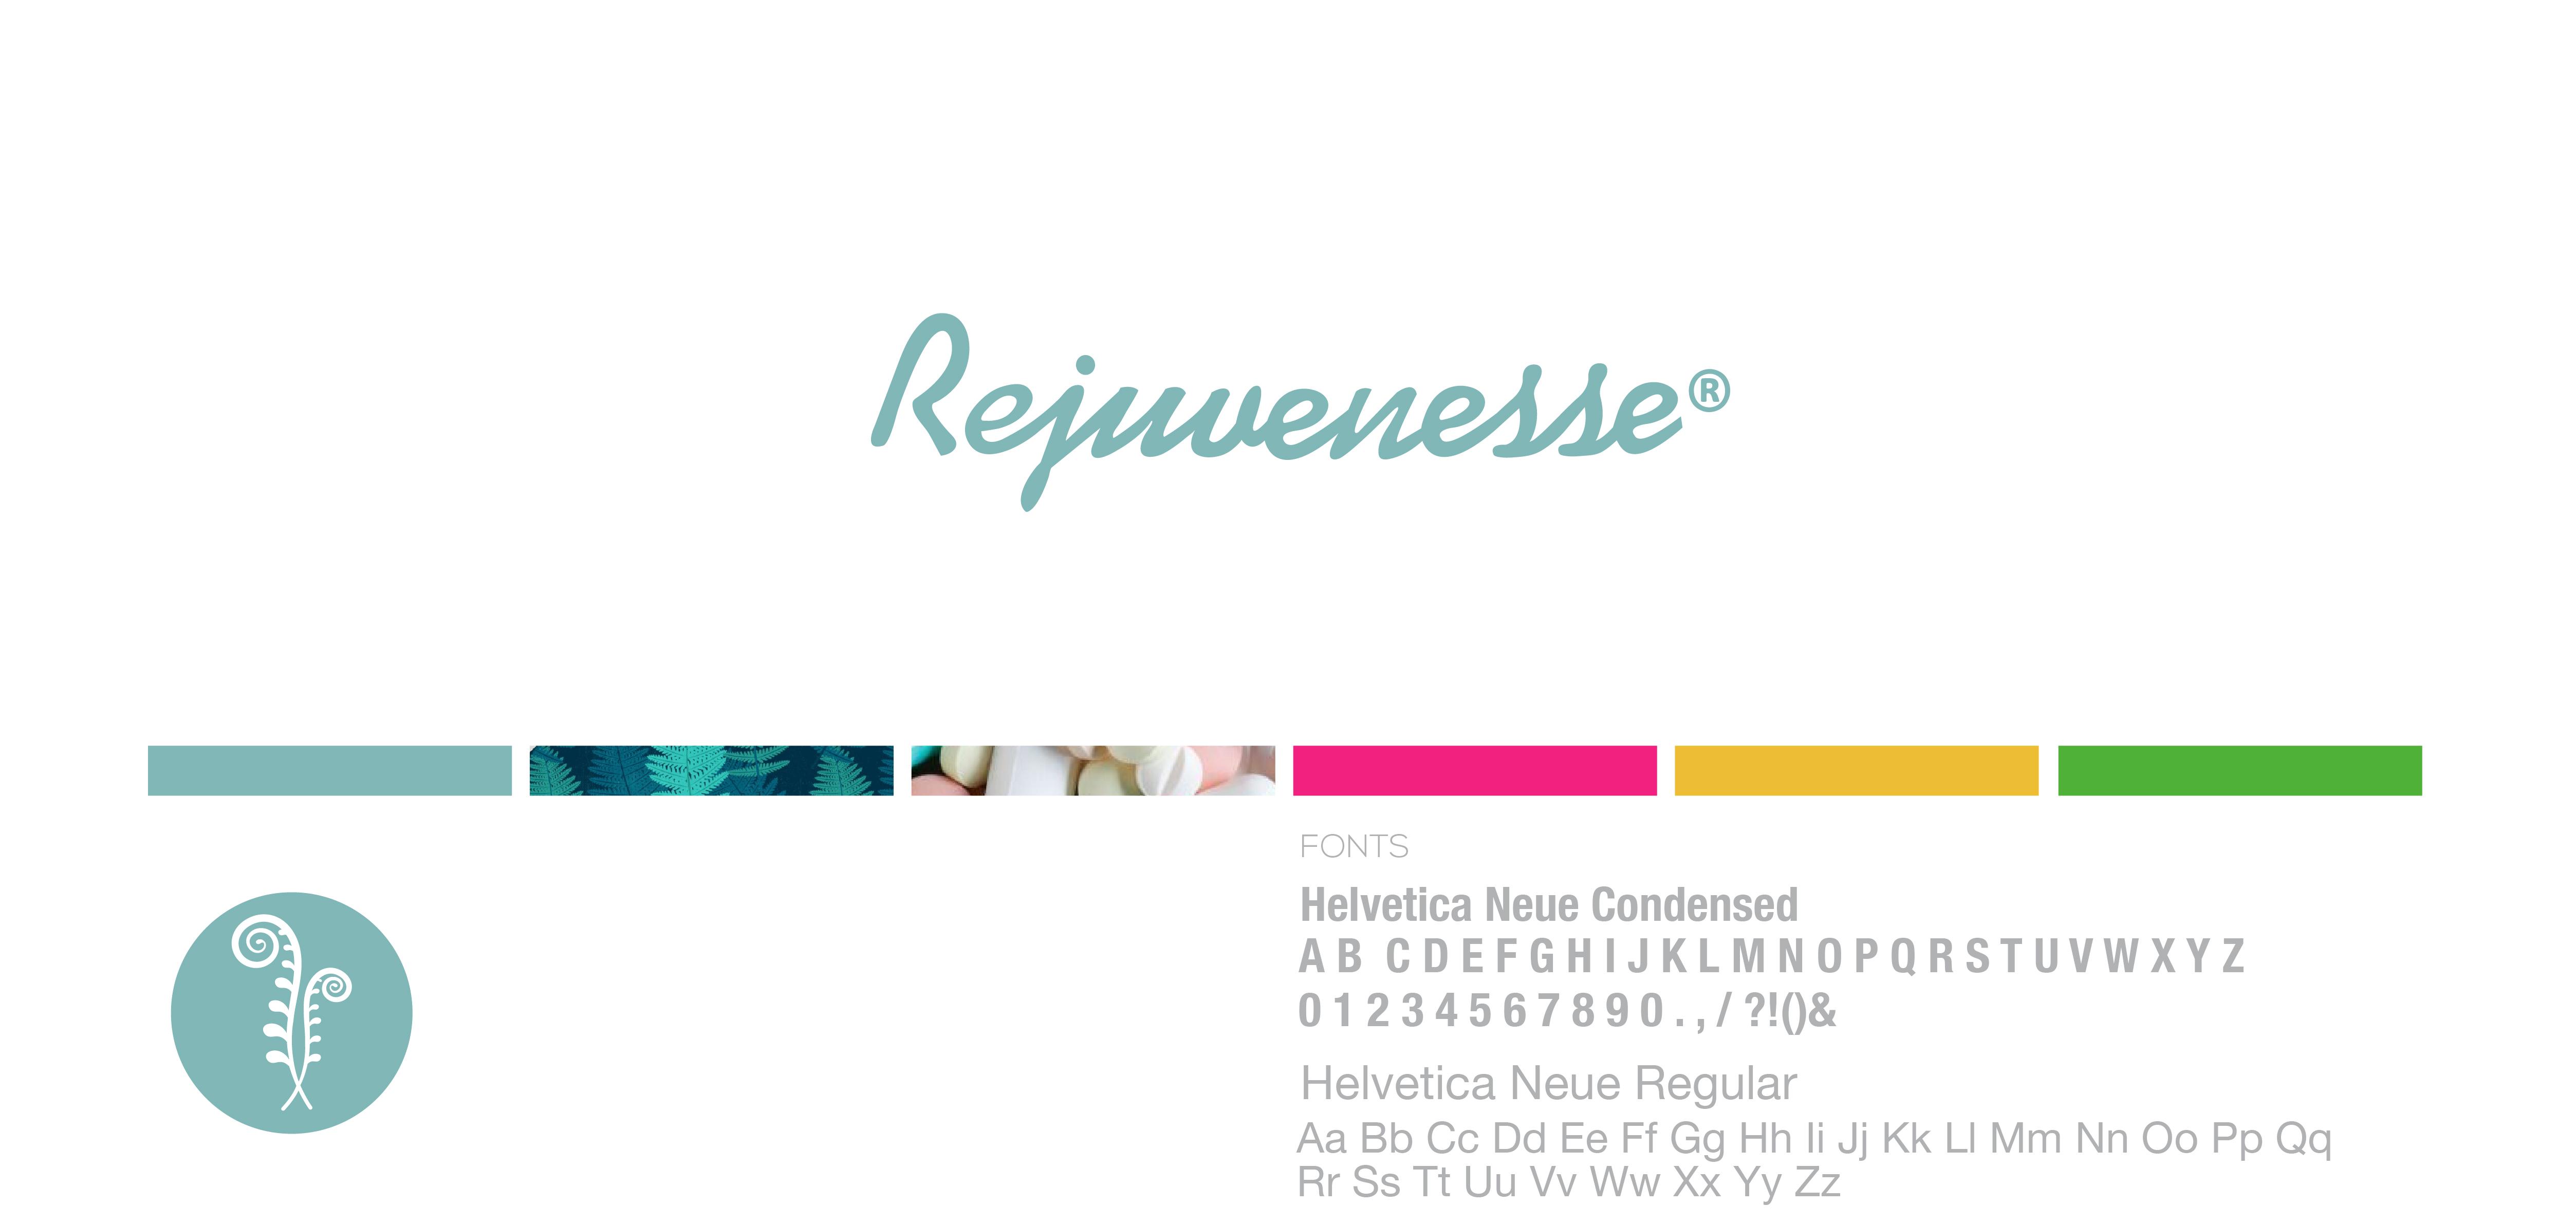 rejuvenesse-02